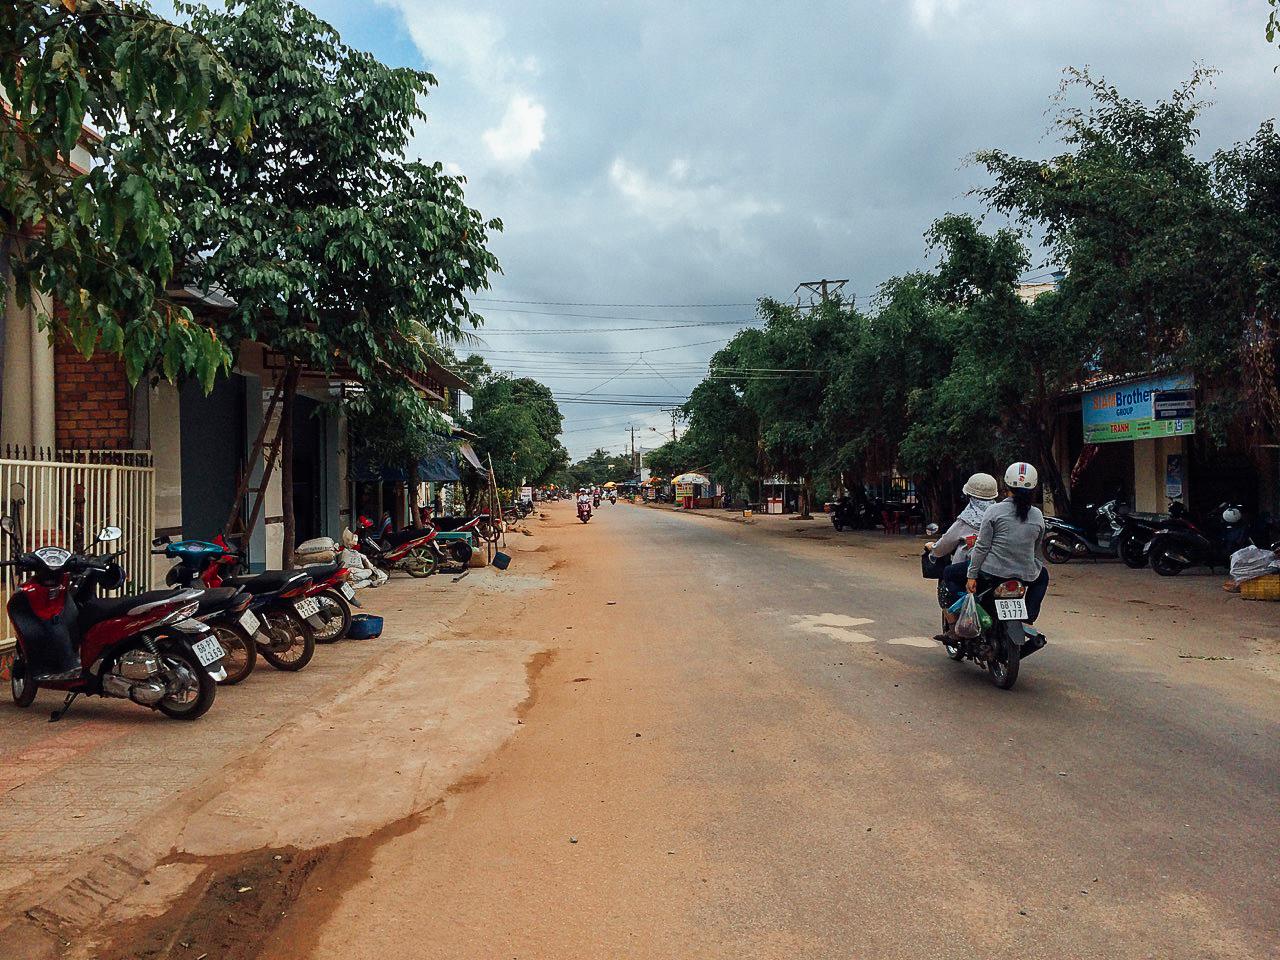 Путешествие по Вьетнаму, Фукуок: Дорога, ведущая к городу